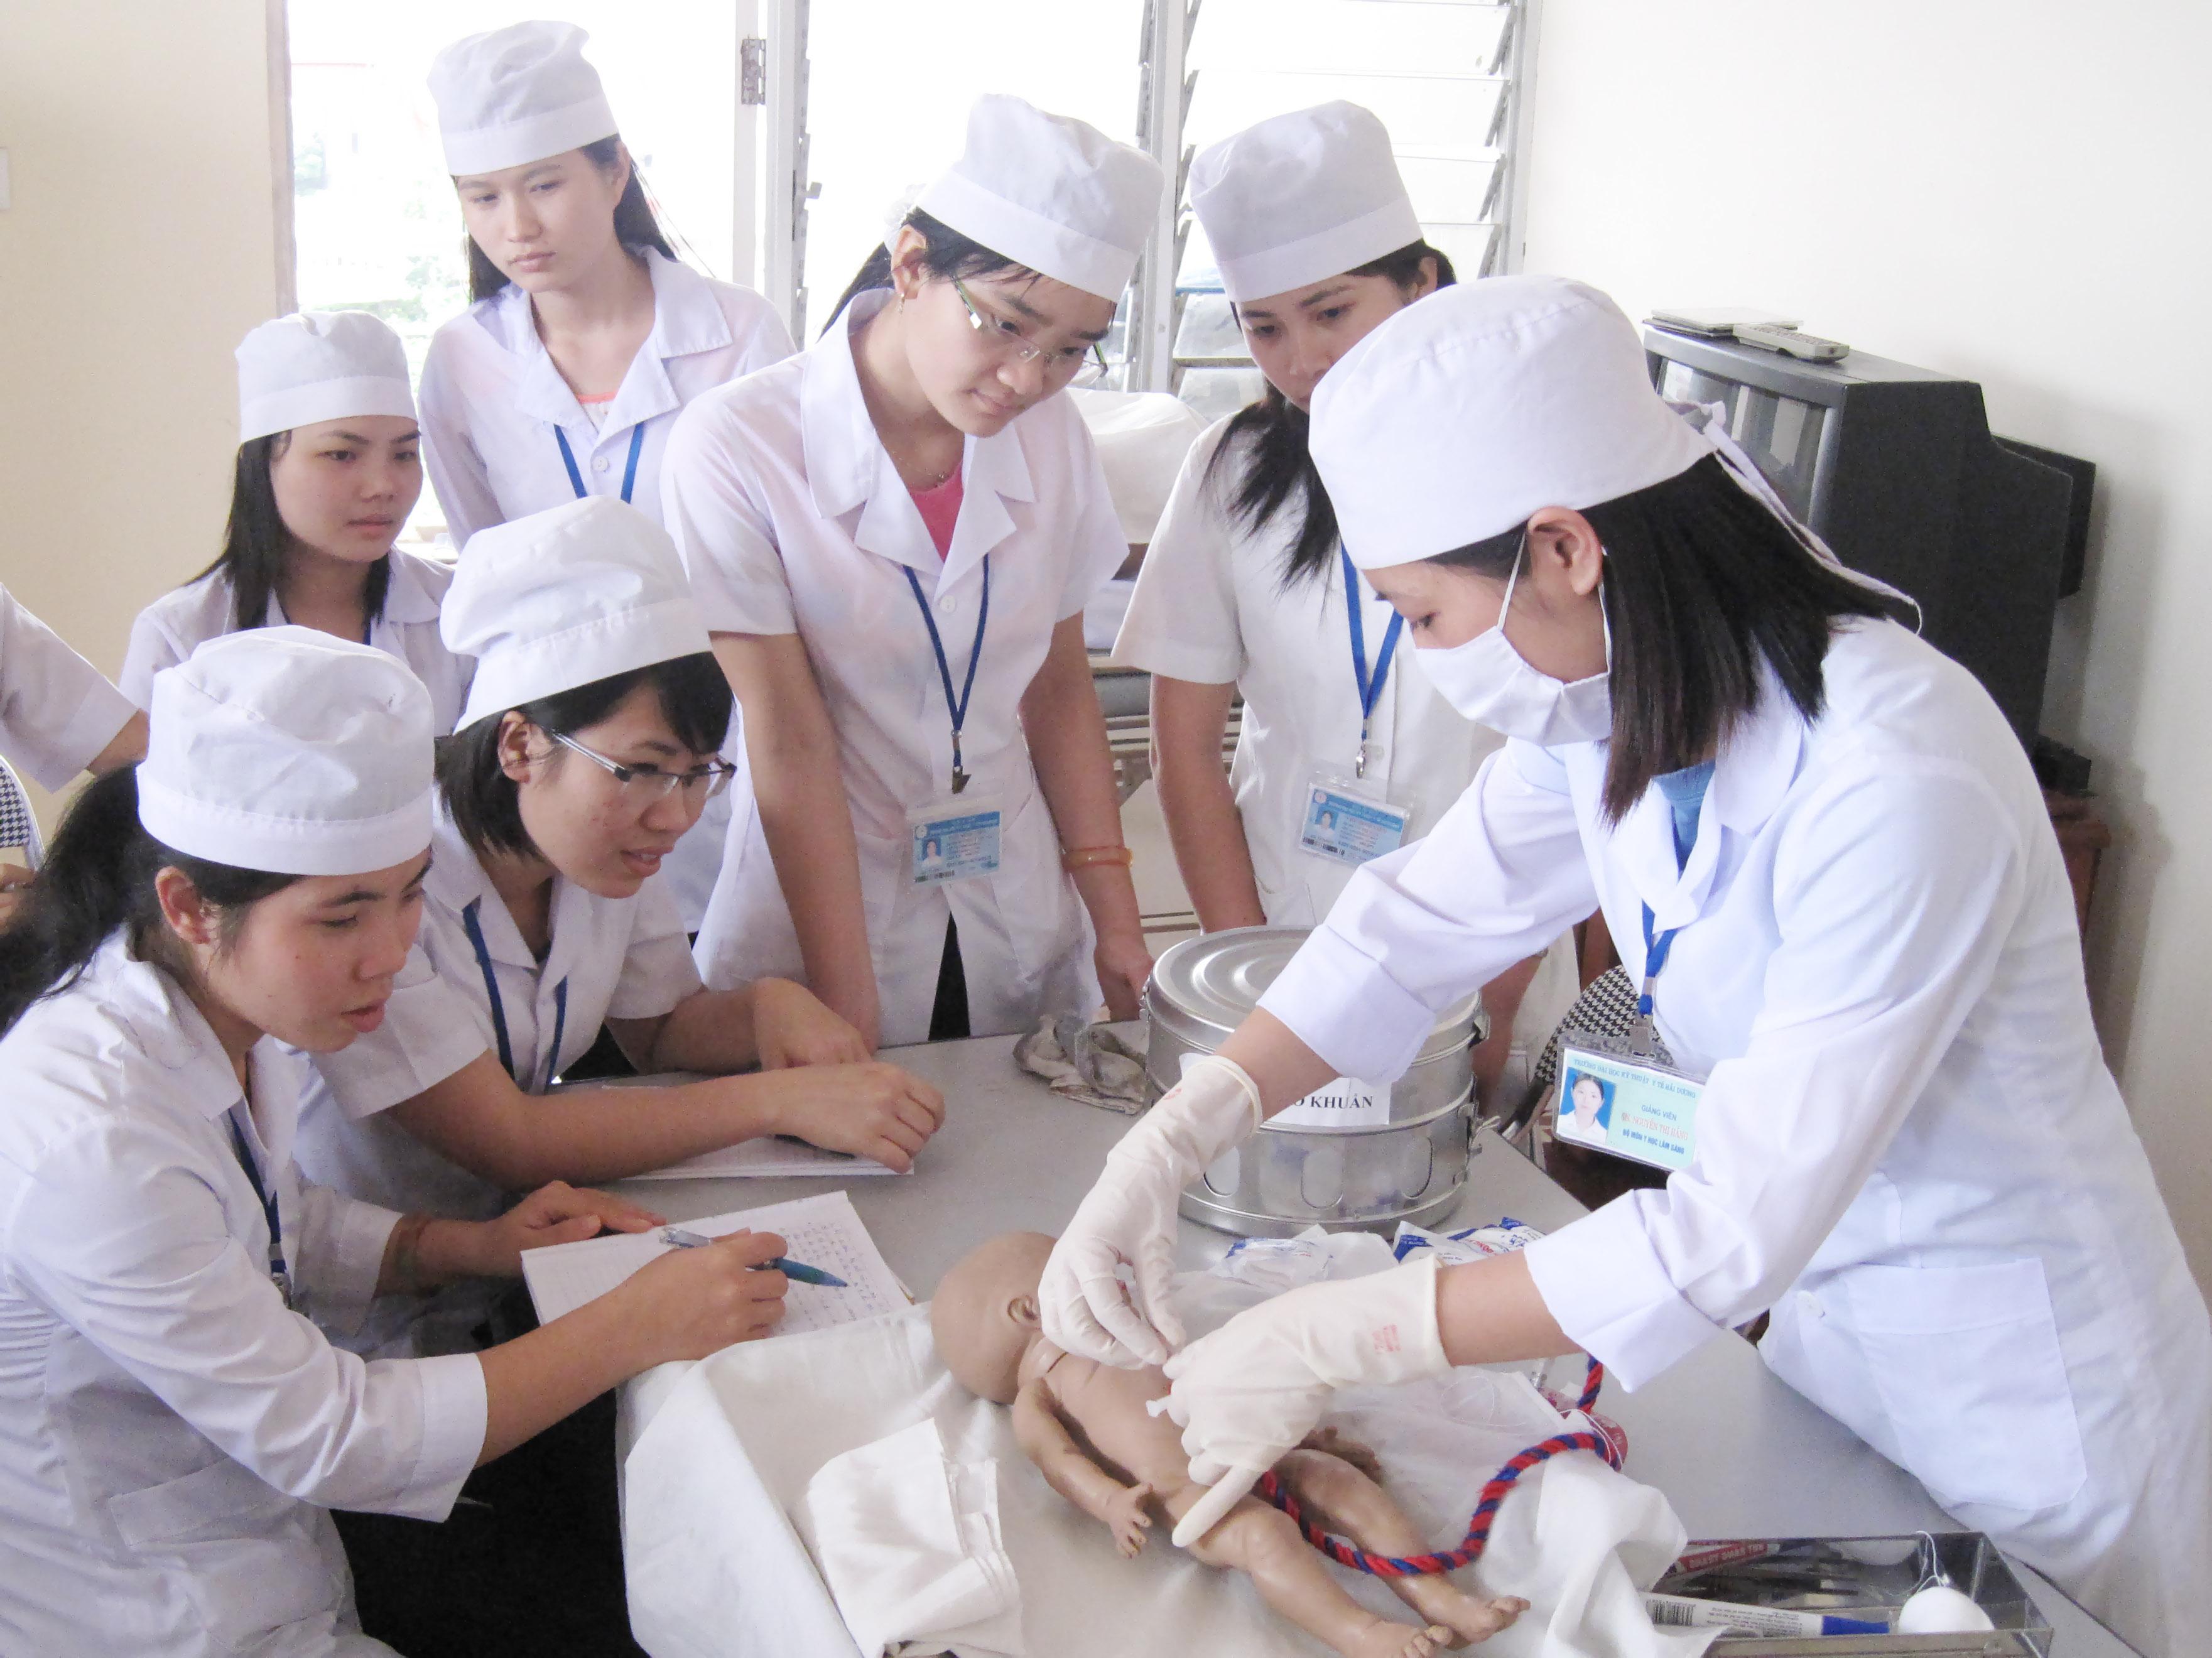 sinh viên điều dưỡng thực hành trên lớp